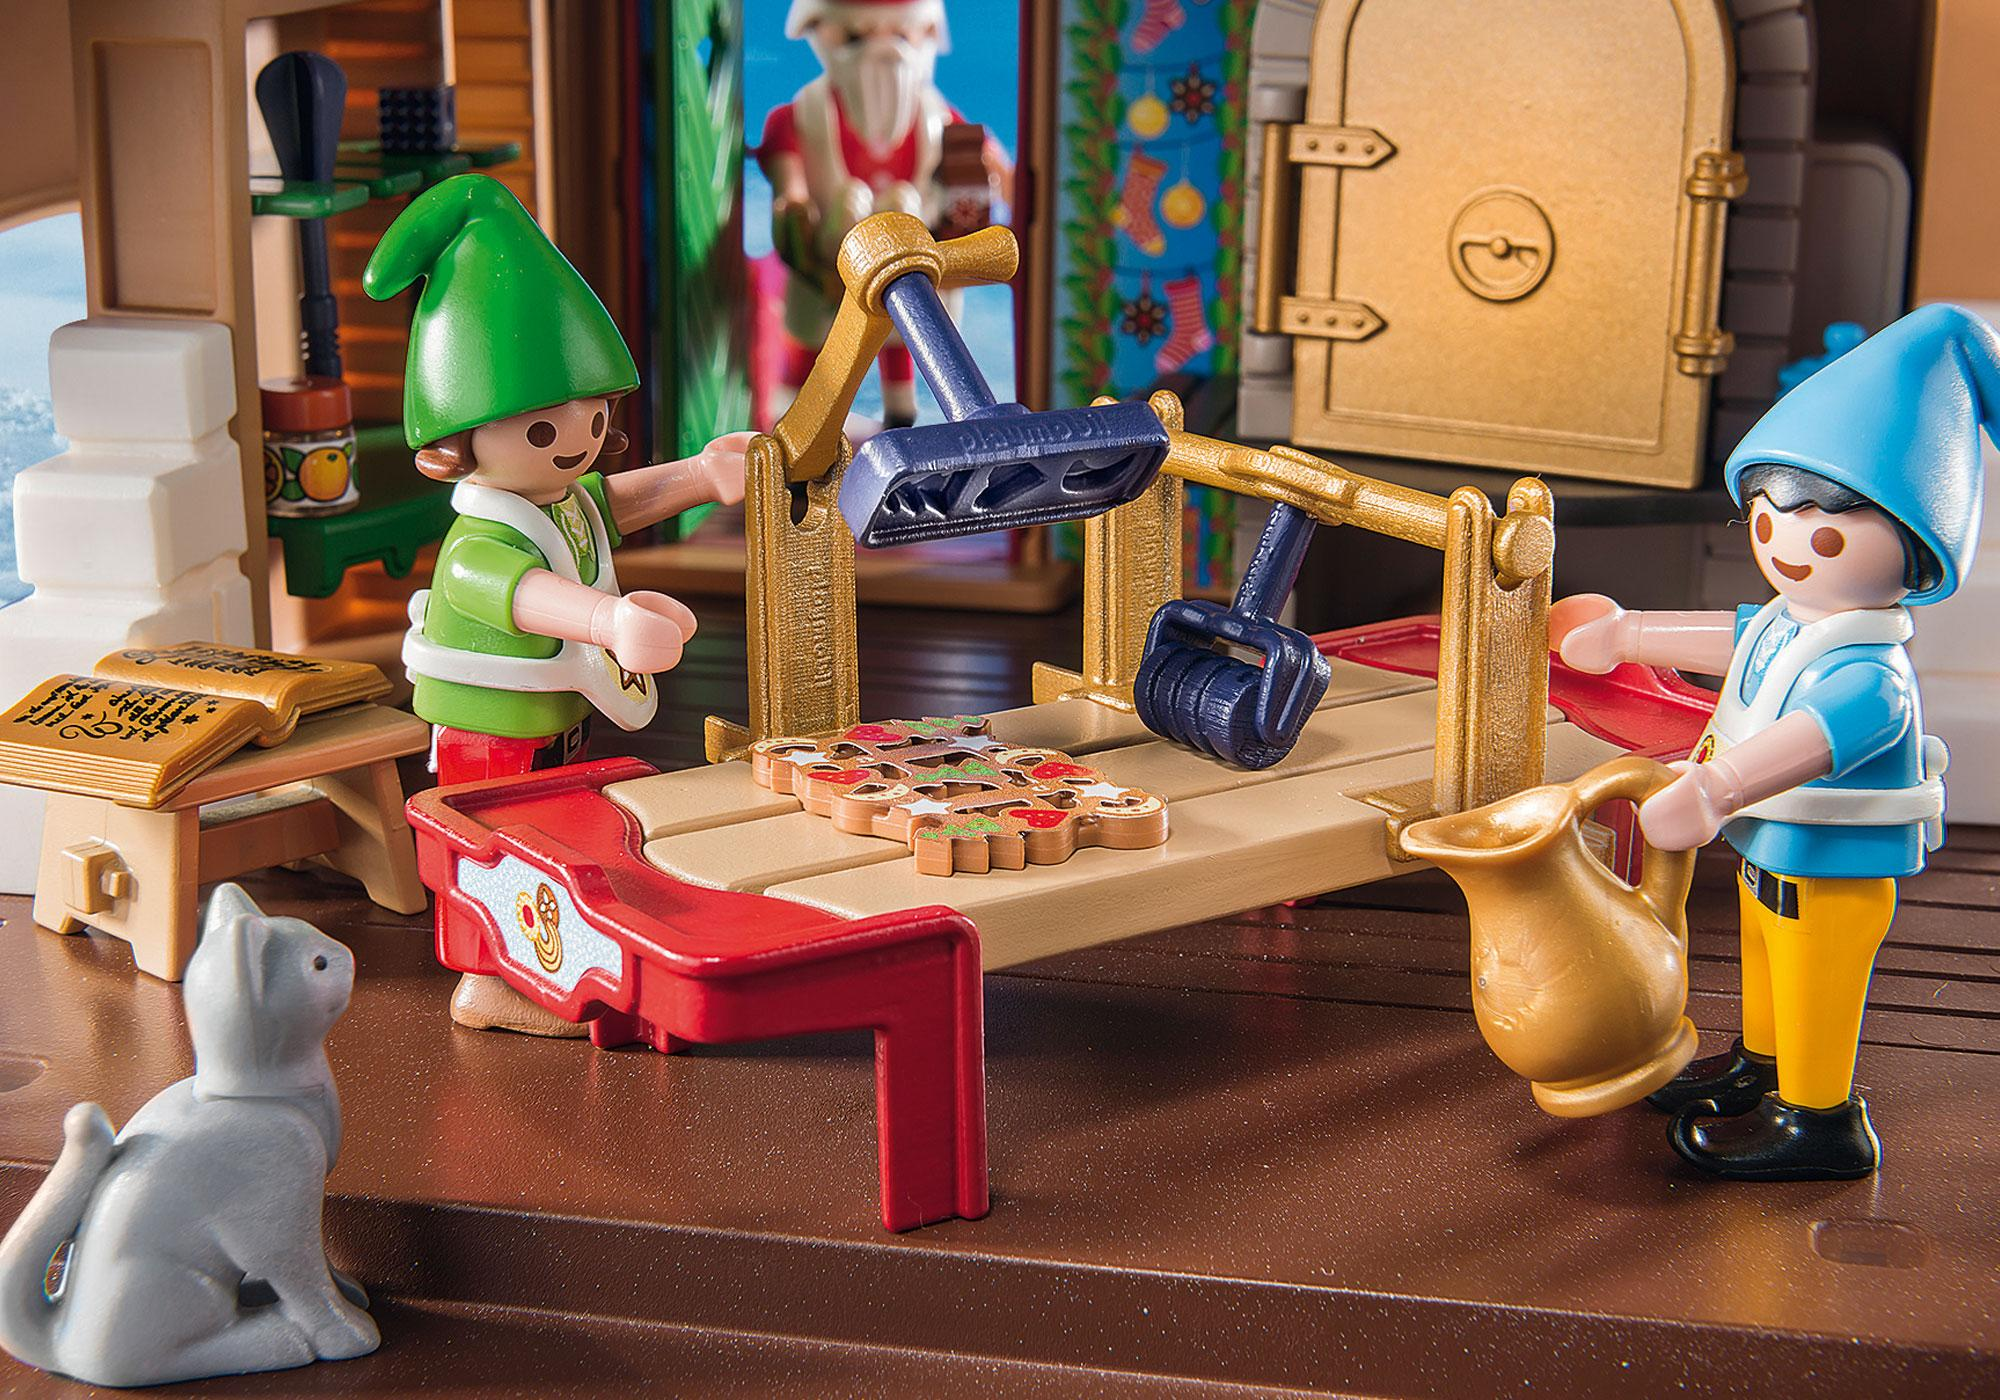 http://media.playmobil.com/i/playmobil/9493_product_extra3/Atelier de biscuit du Père Noël avec moules